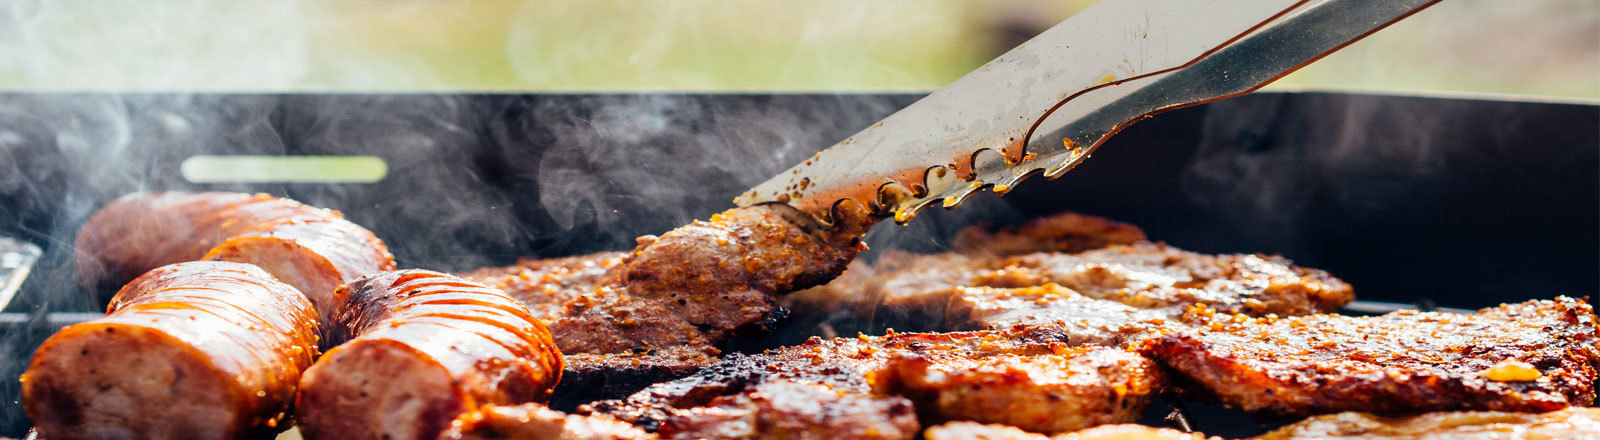 Ein großer Kugelgrill mit vielen verschiedenen Fleischstücken drauf. Es dampft.